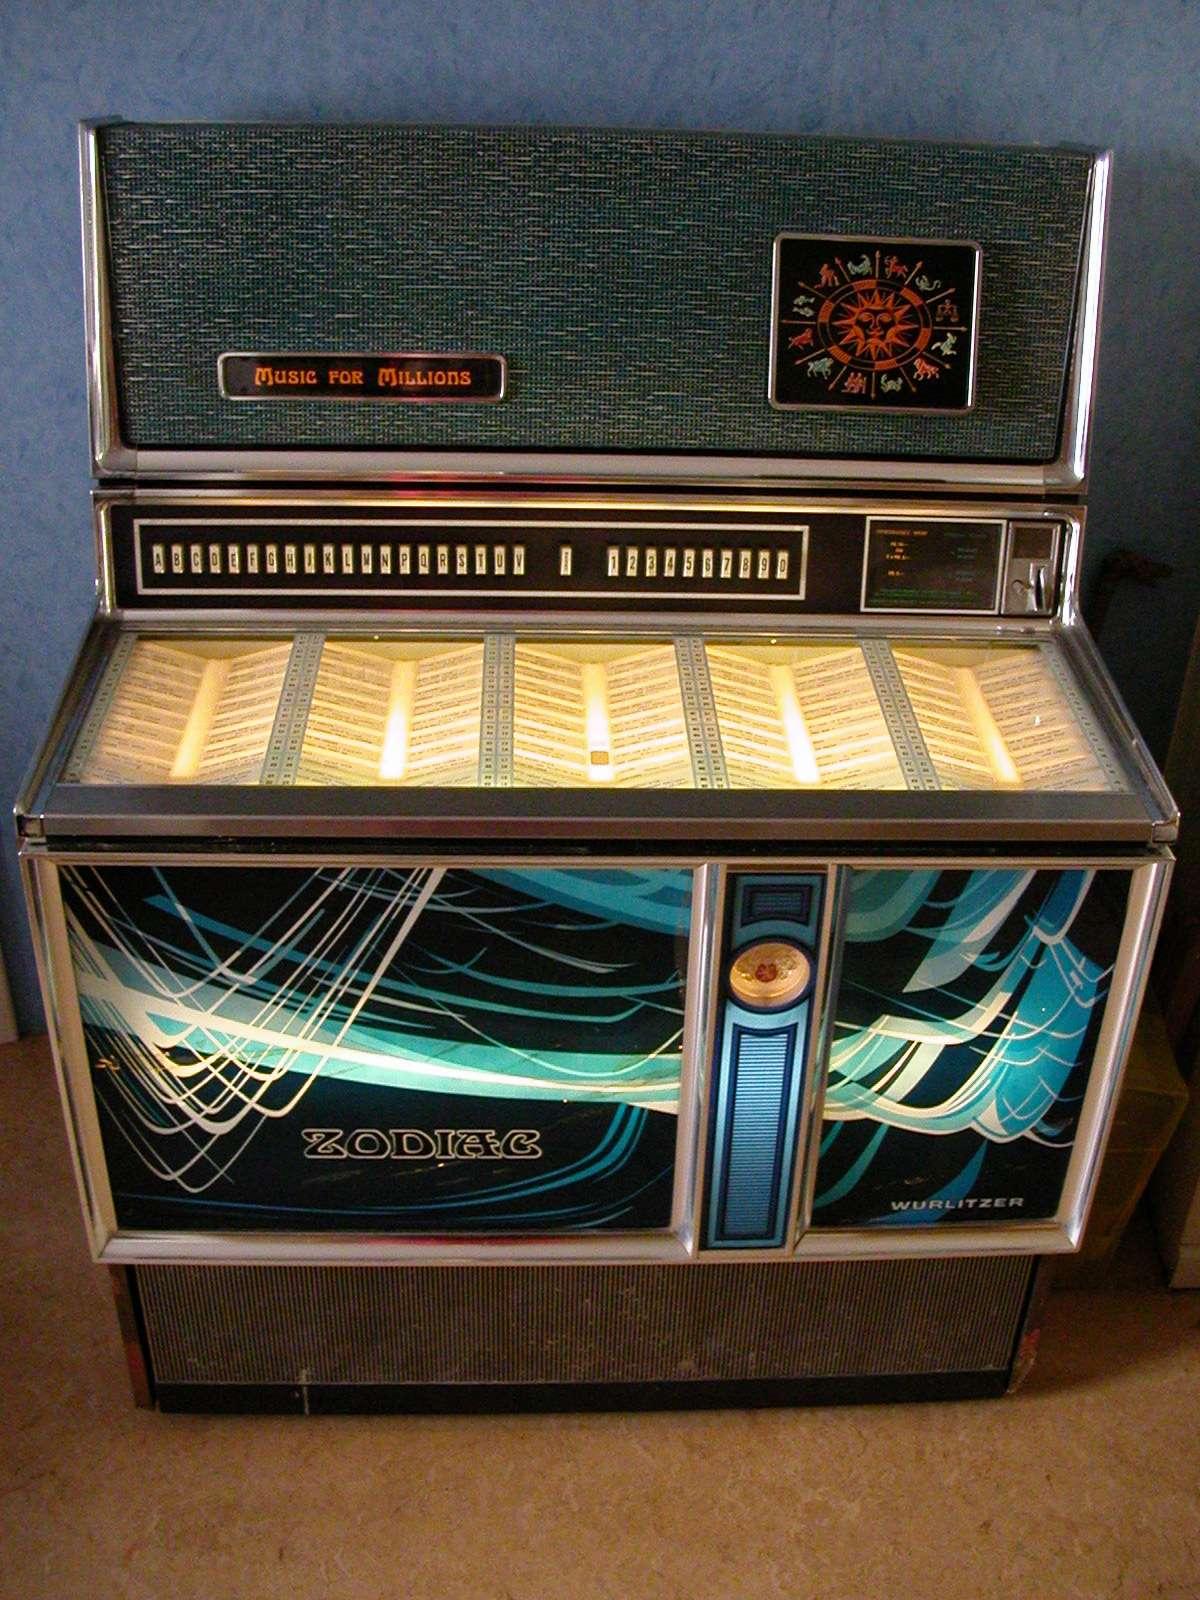 Inventé par Louis Glas, le juke-box révolutionne l'ambiance musicale des lieux publics. © Frederic Pasteleurs, CC BY-SA 3.0, Wikimedia Commons